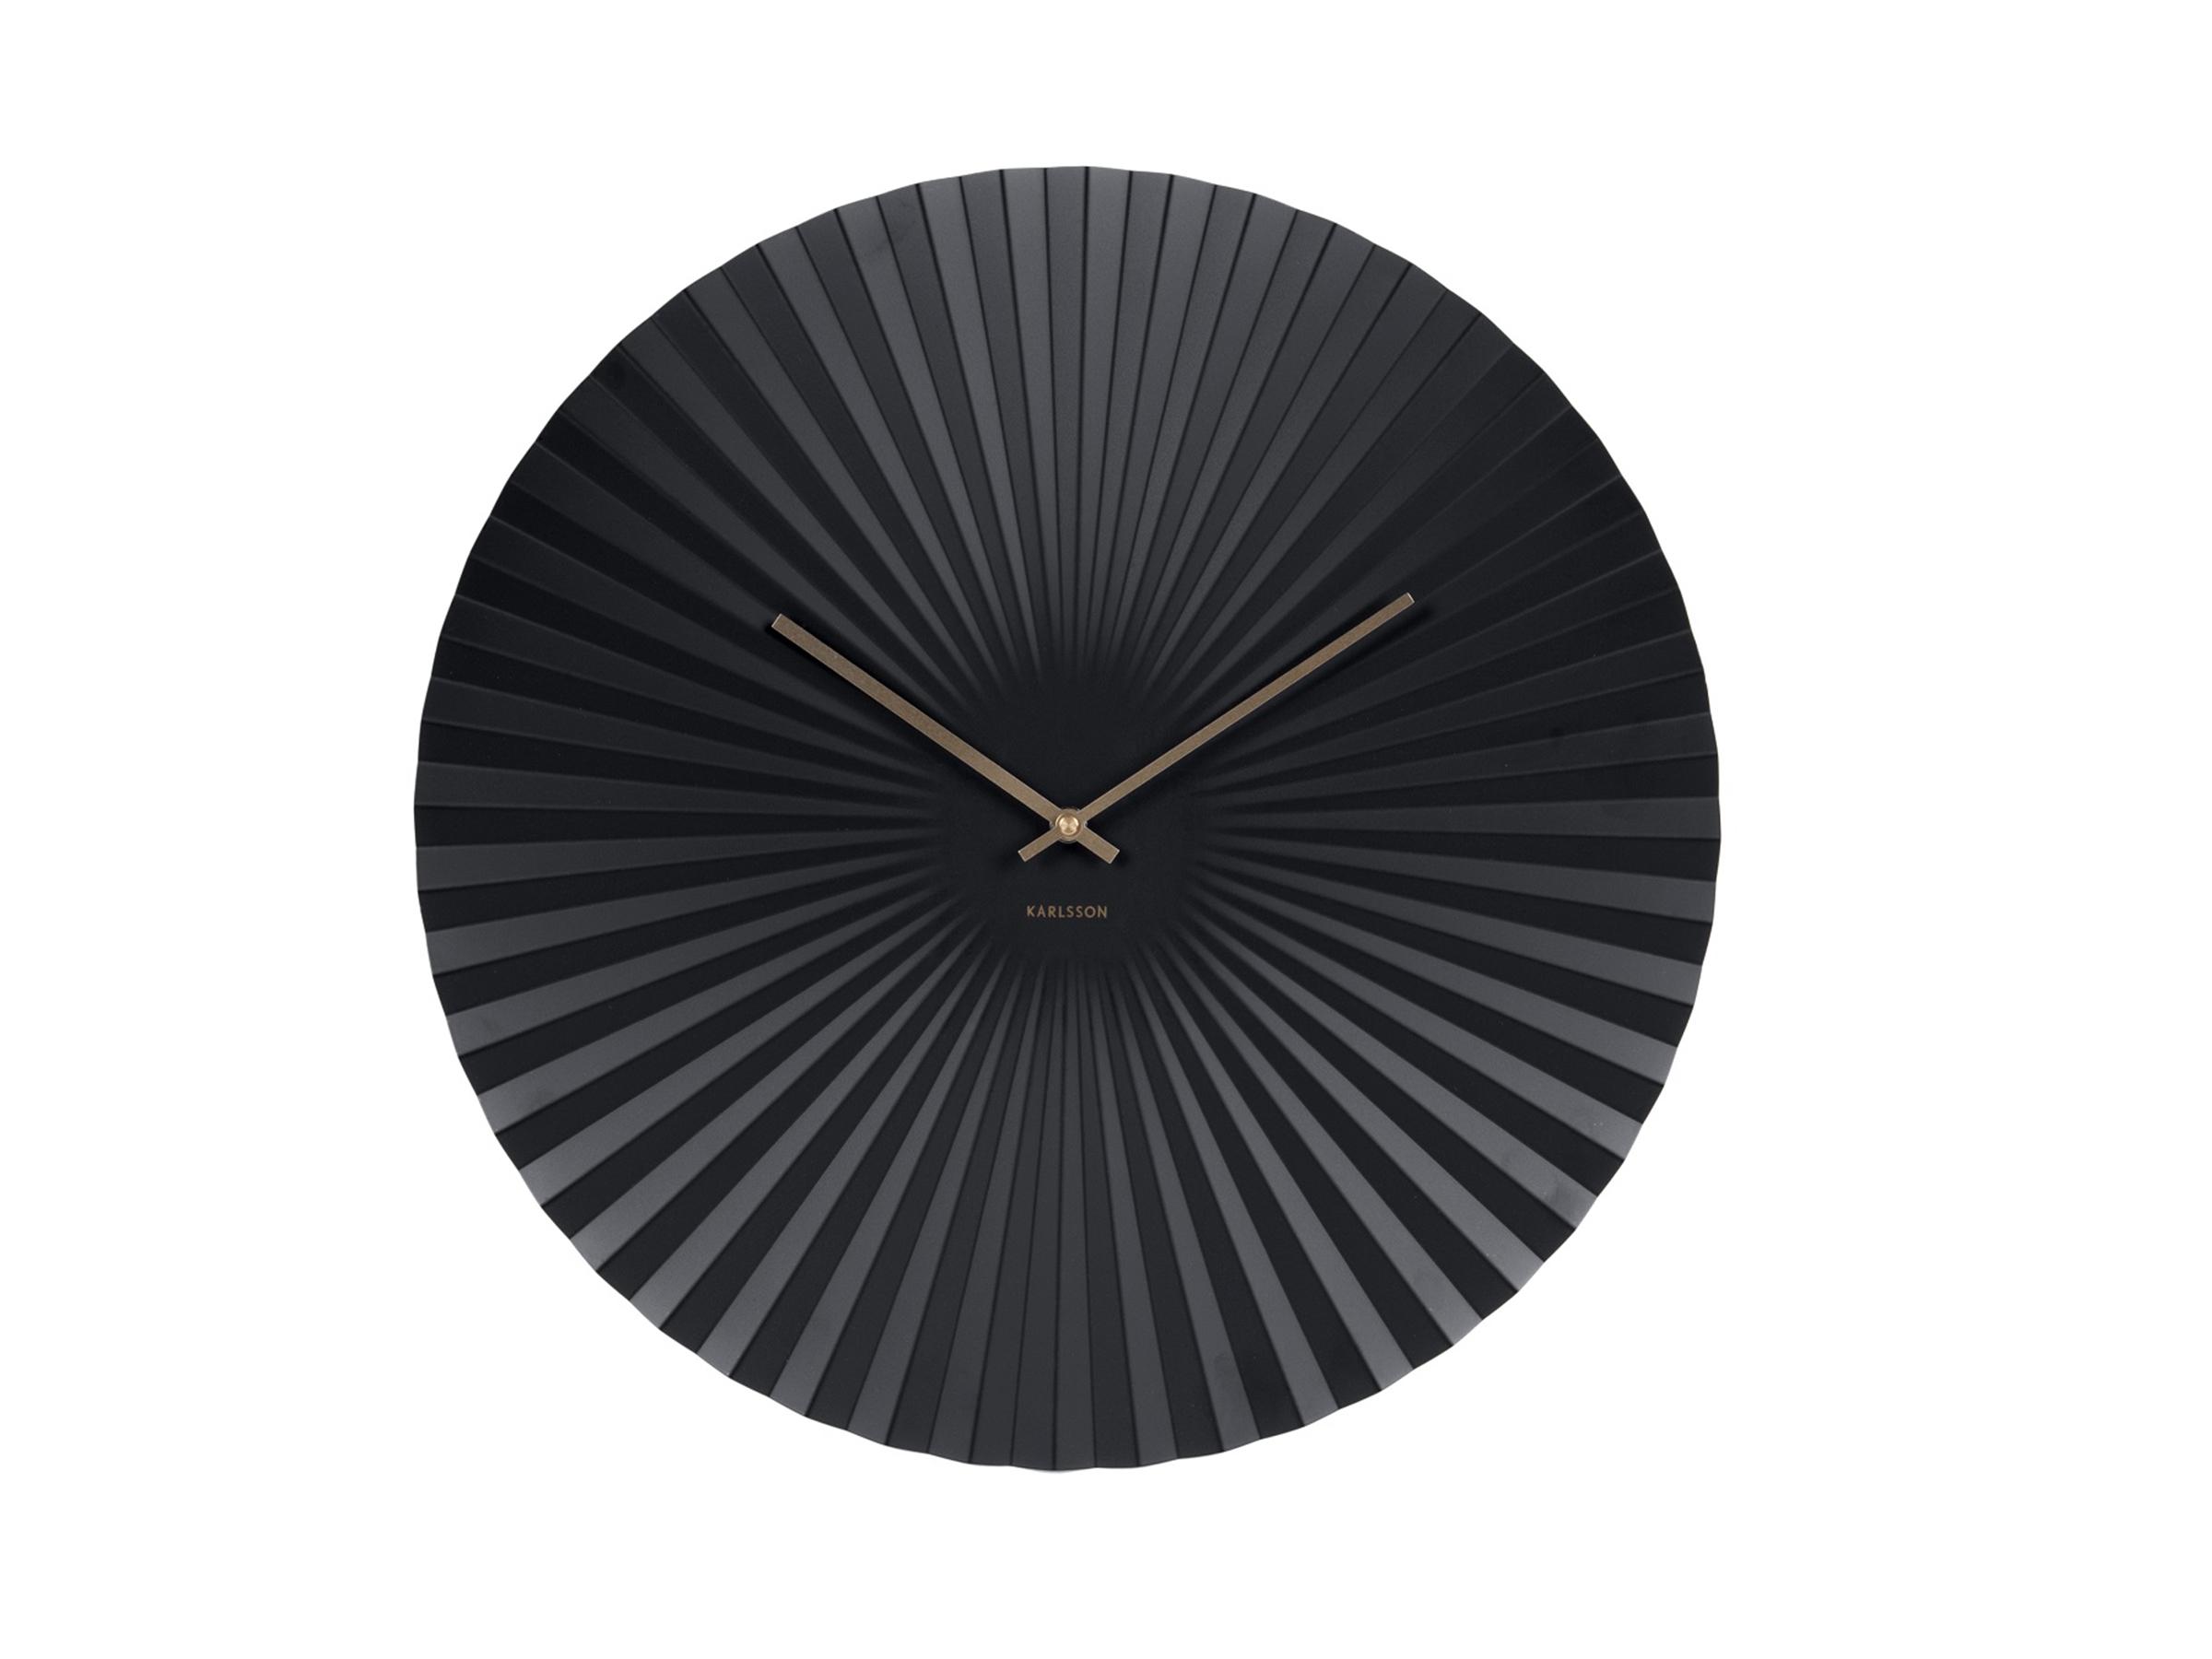 Reloj de pared Sensu XI | alvaluz.com